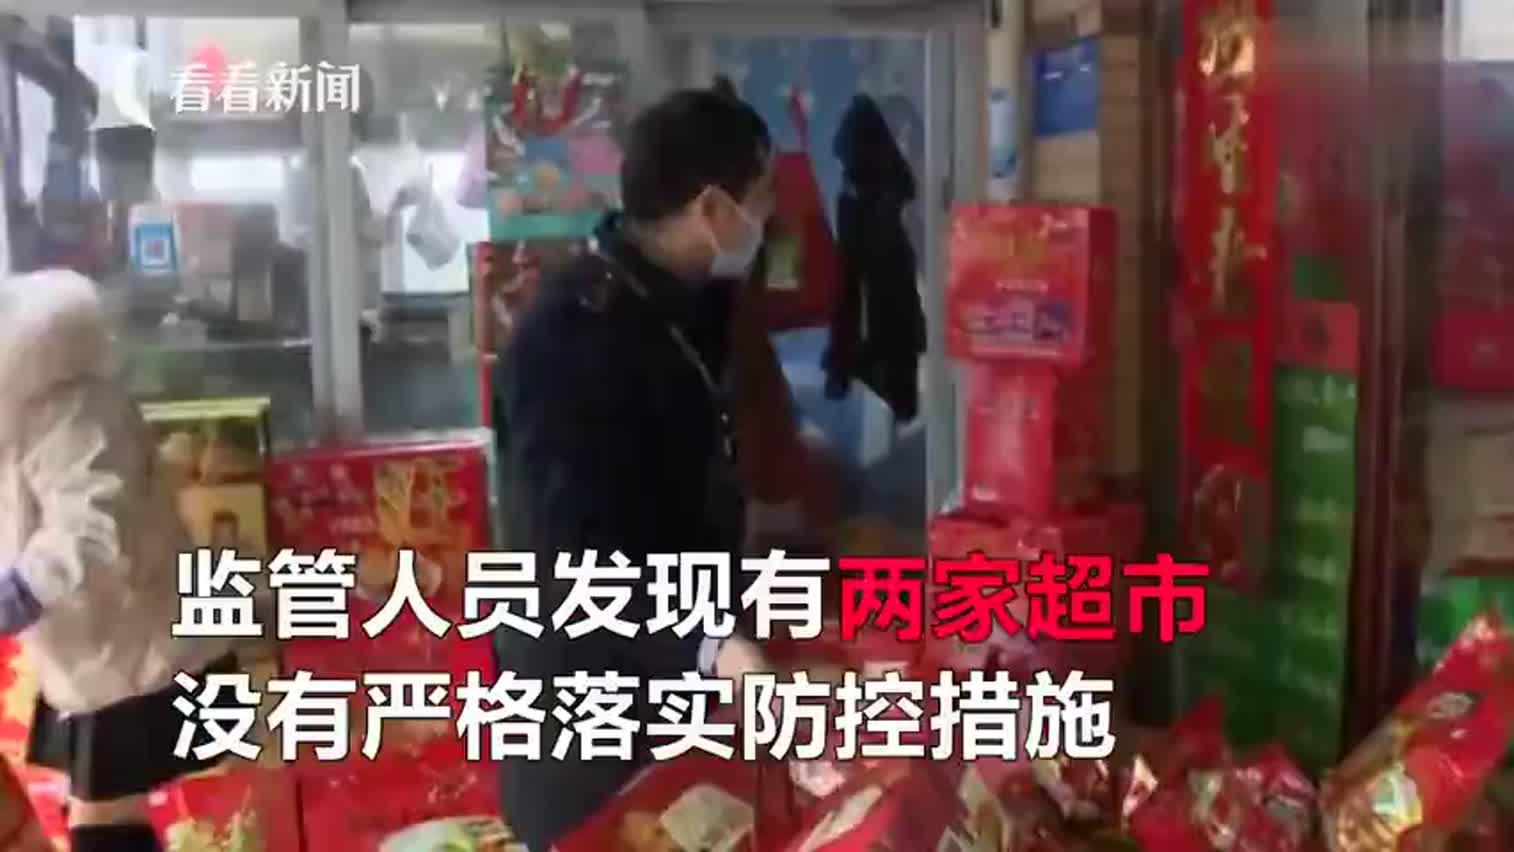 视频-顾客不戴口罩进店购物 超市被勒令停业三天